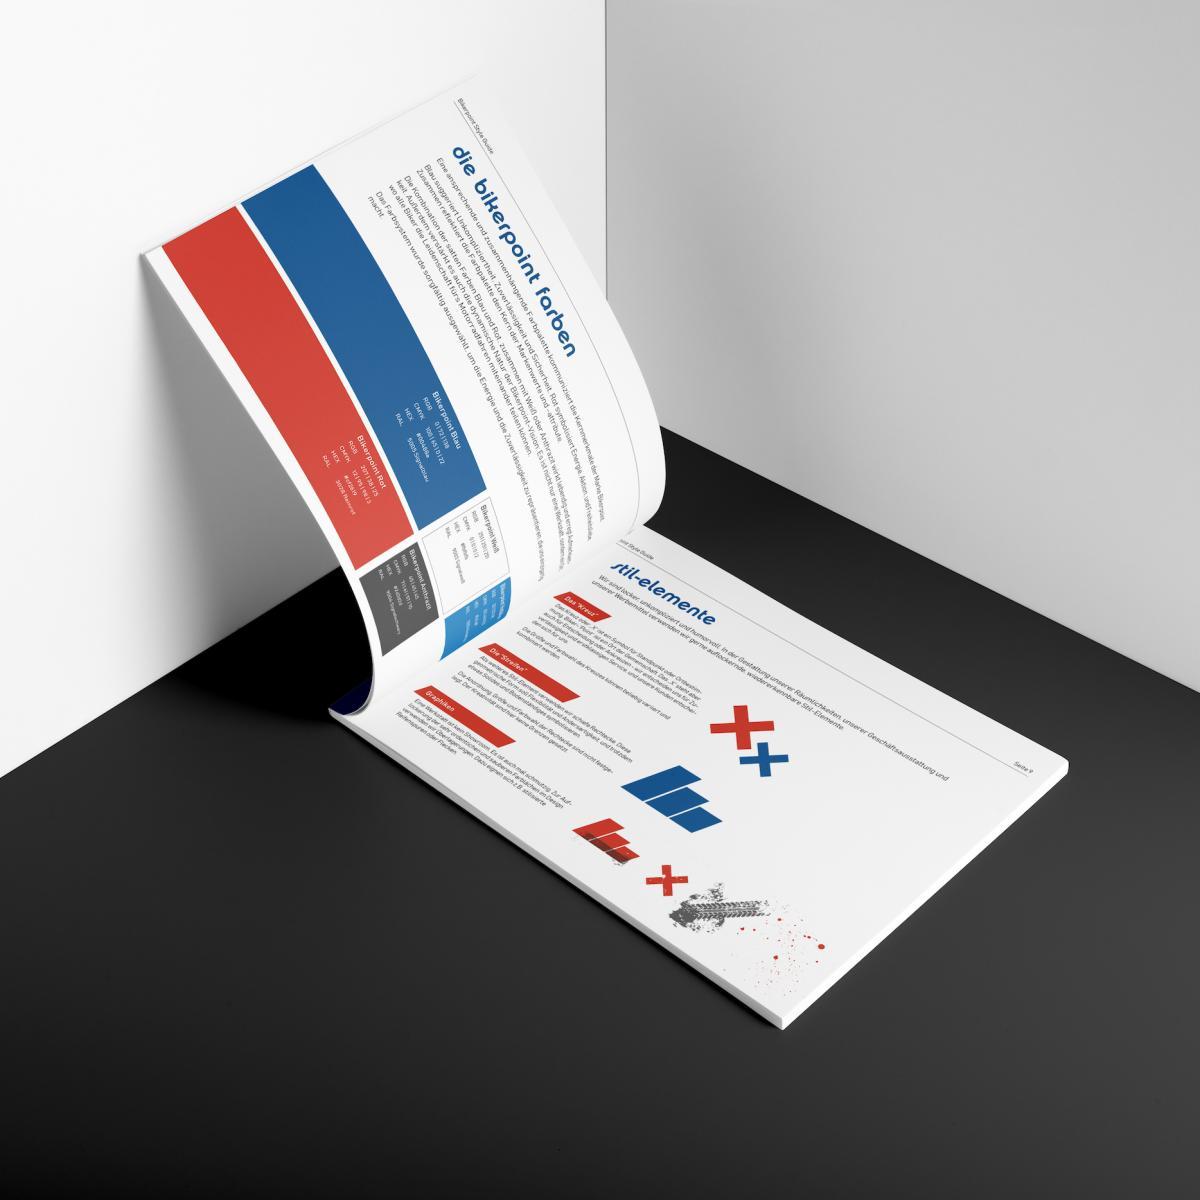 Der Branding-Style-Guide von Bikerpoint mit halb aufgeklapptem Cover auf einer Unterlage